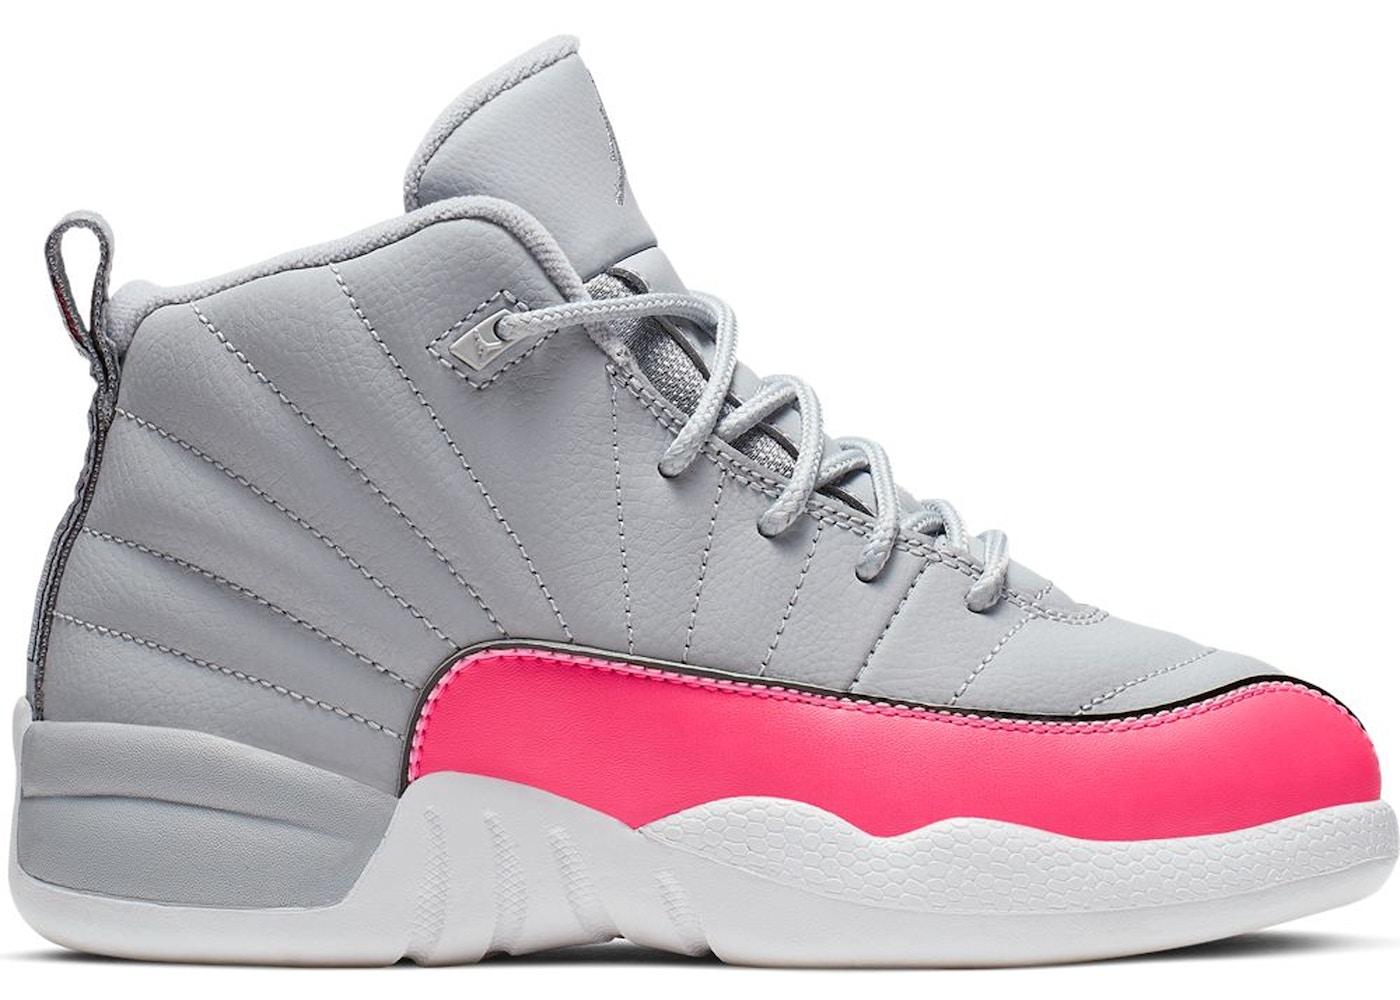 reputable site 2b26c 62680 Air Jordan 12 Shoes - Release Date